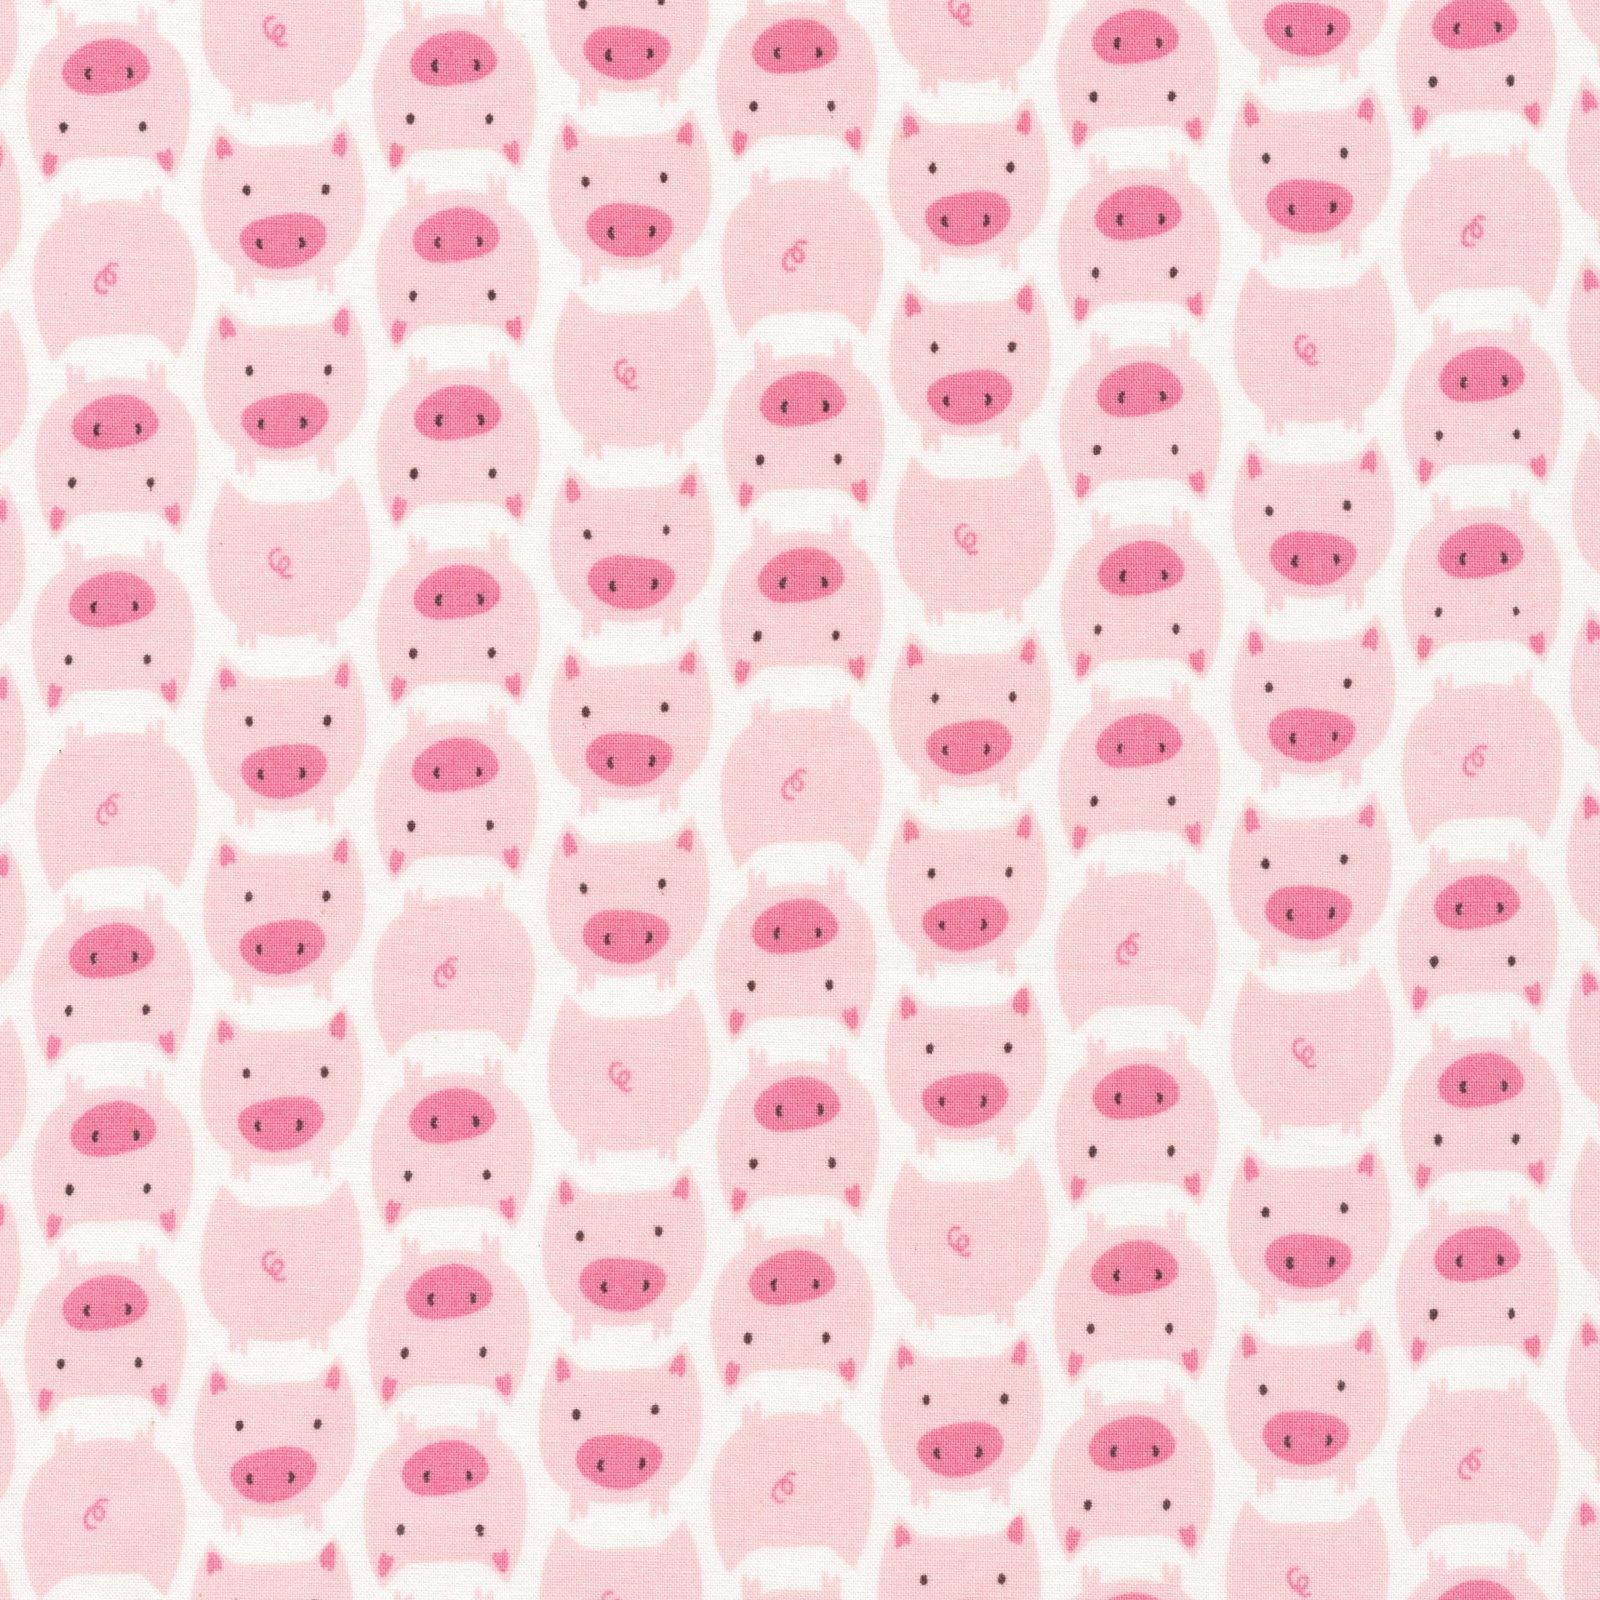 Cloud 9 Dolittles - Pig Pink 204702